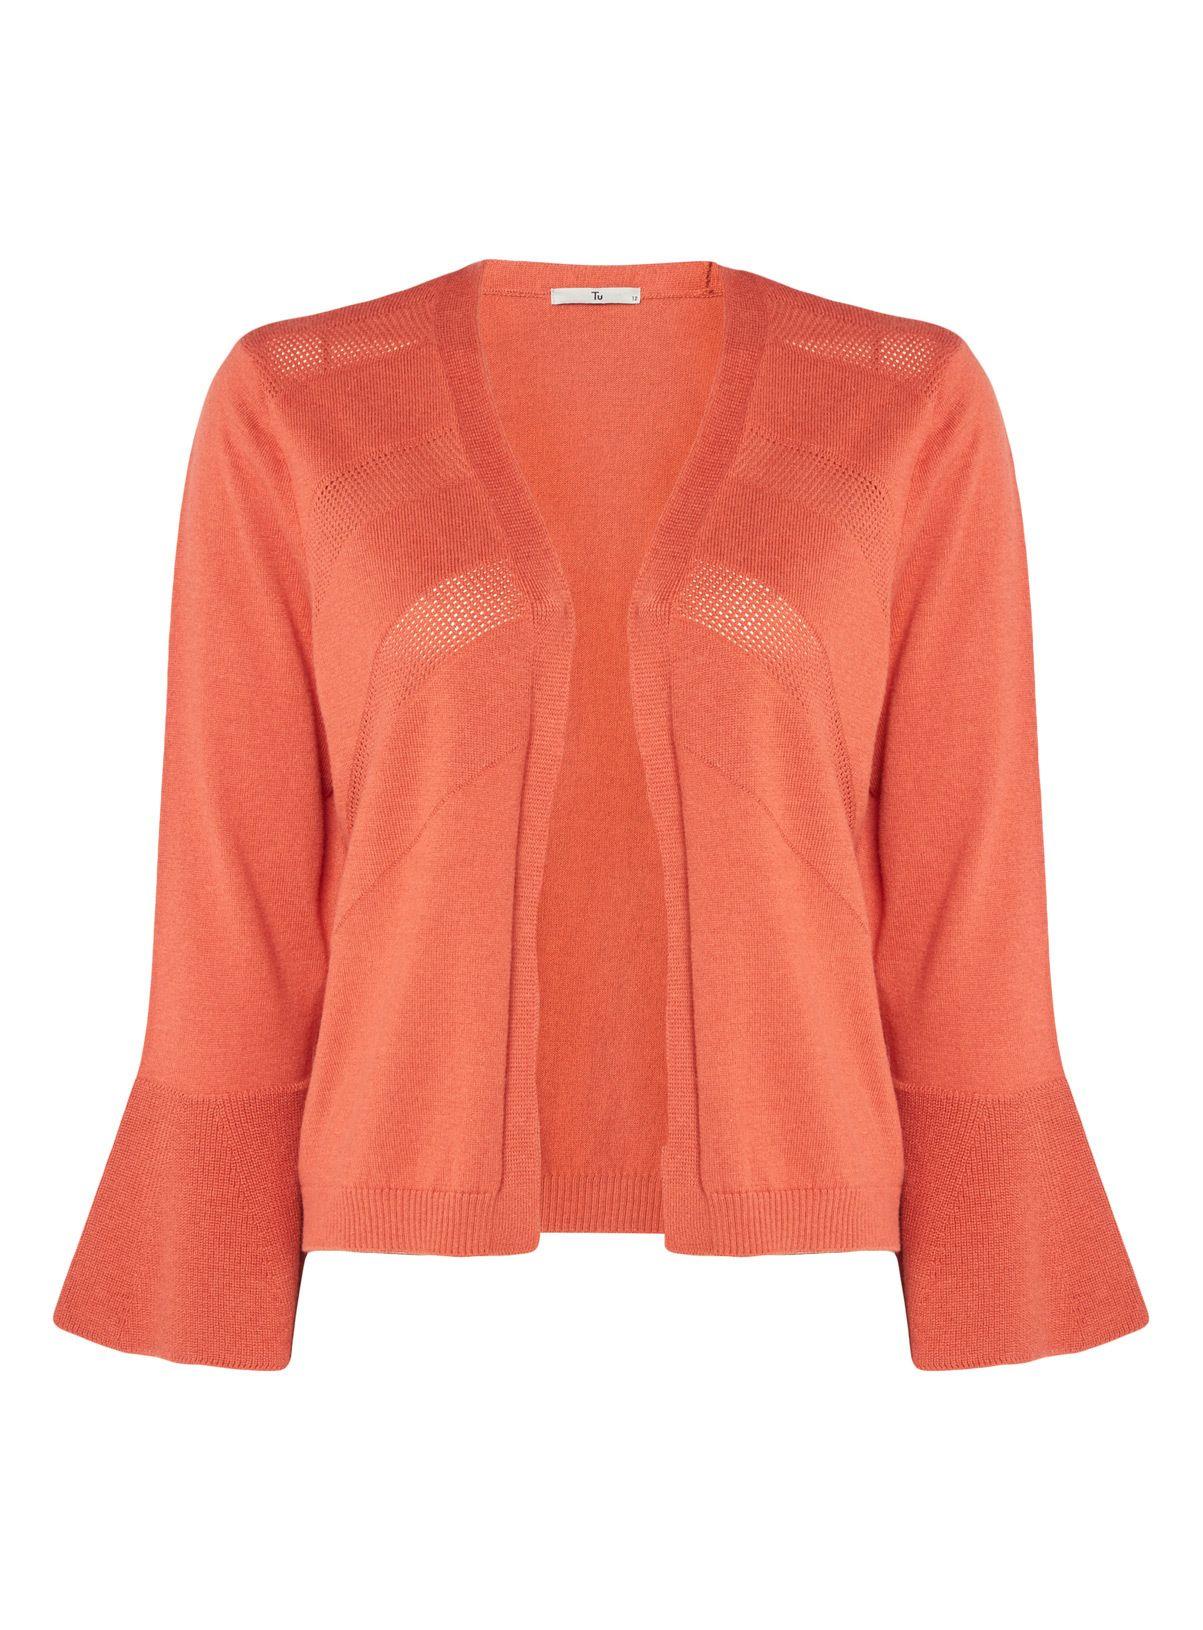 https://www.tuclothing.sainsburys.co.uk/p/Orange-Mesh-Fluted ...